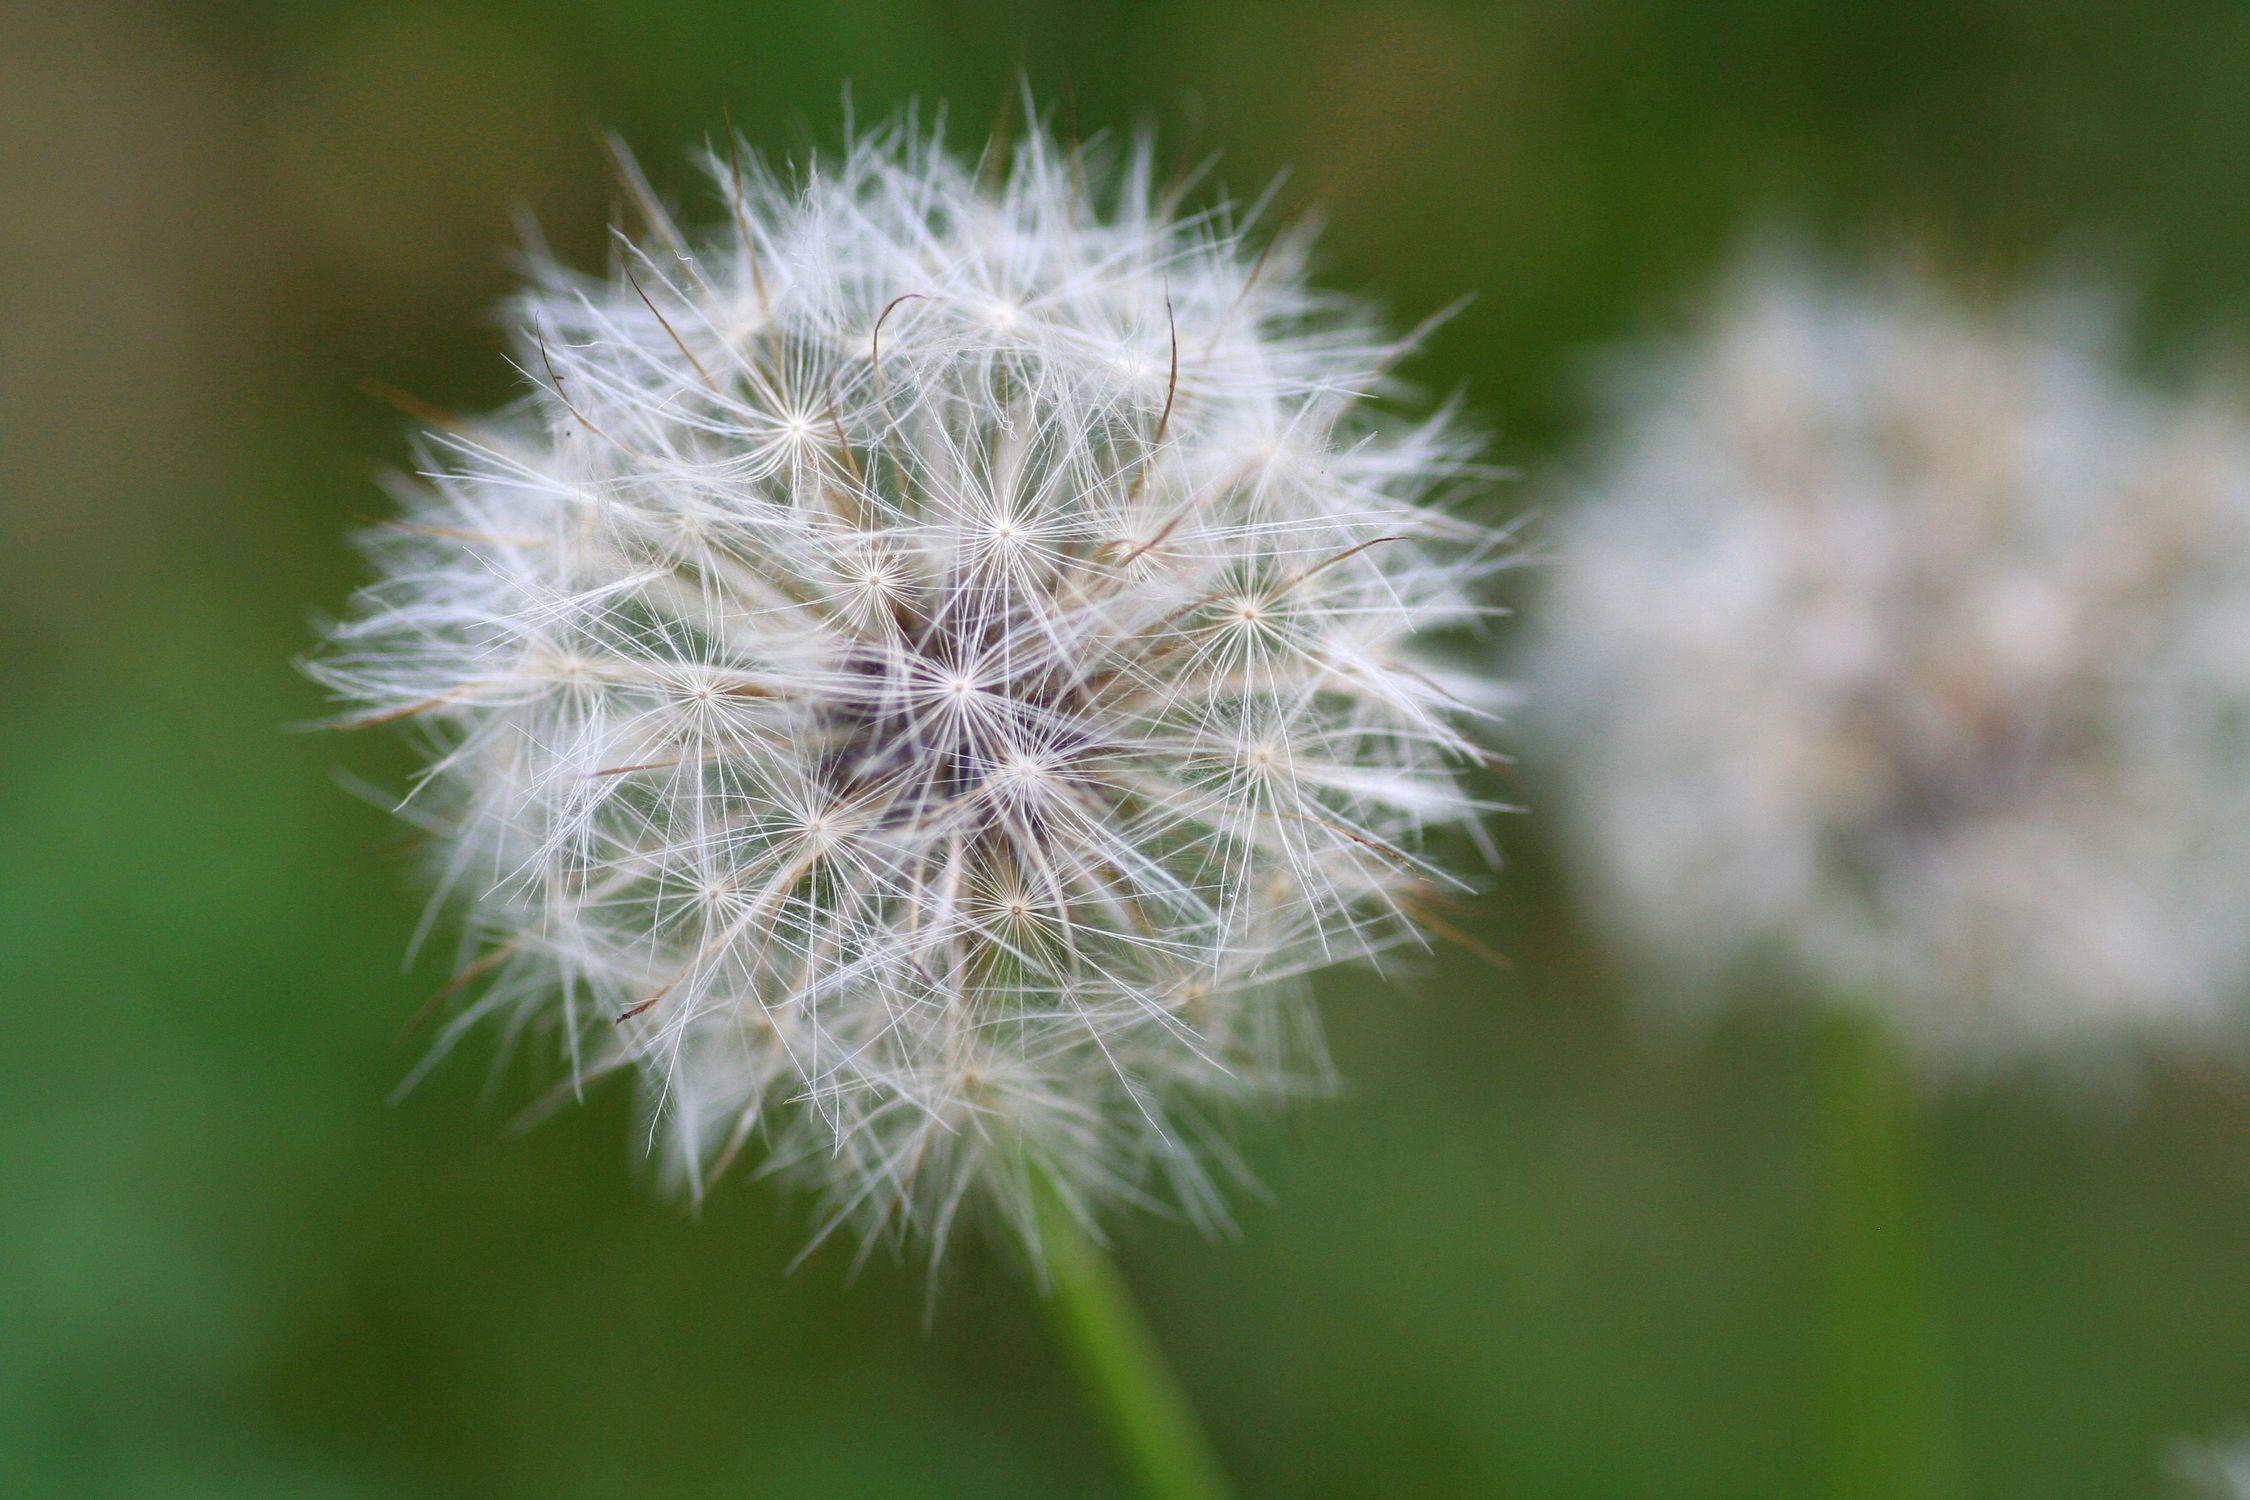 Bild mit Natur, Pflanzen, Gräser, Blumen, Korbblütler, Löwenzähne, Pusteblume